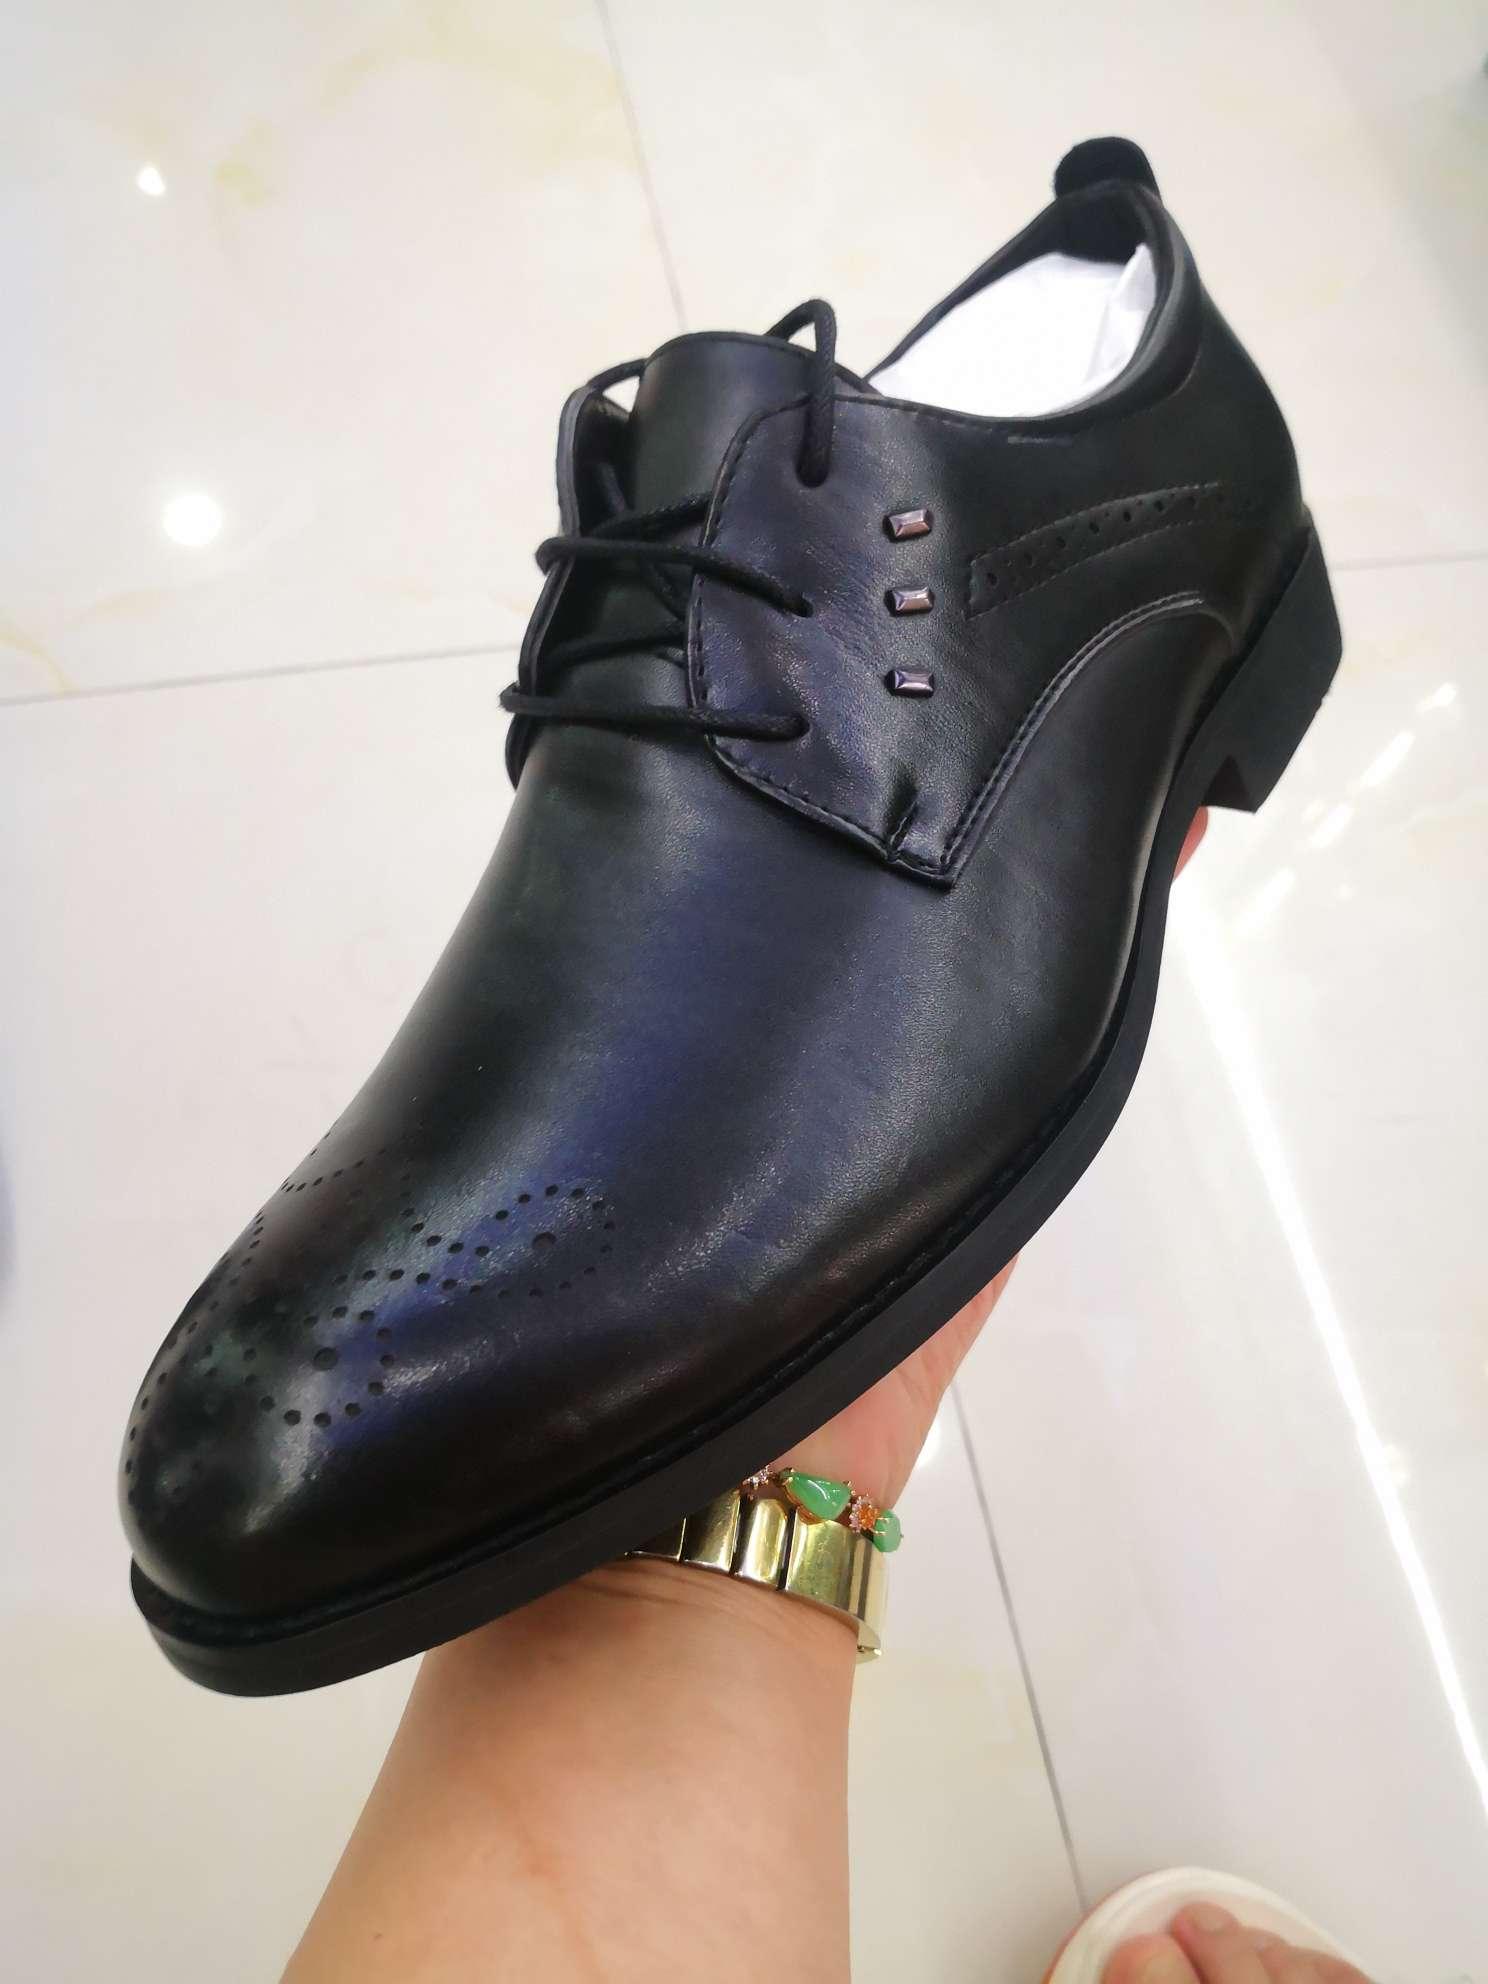 外贸原单库存现货欧美款式男鞋皮鞋男真皮系带商务休闲布洛克欧版尖头鞋子